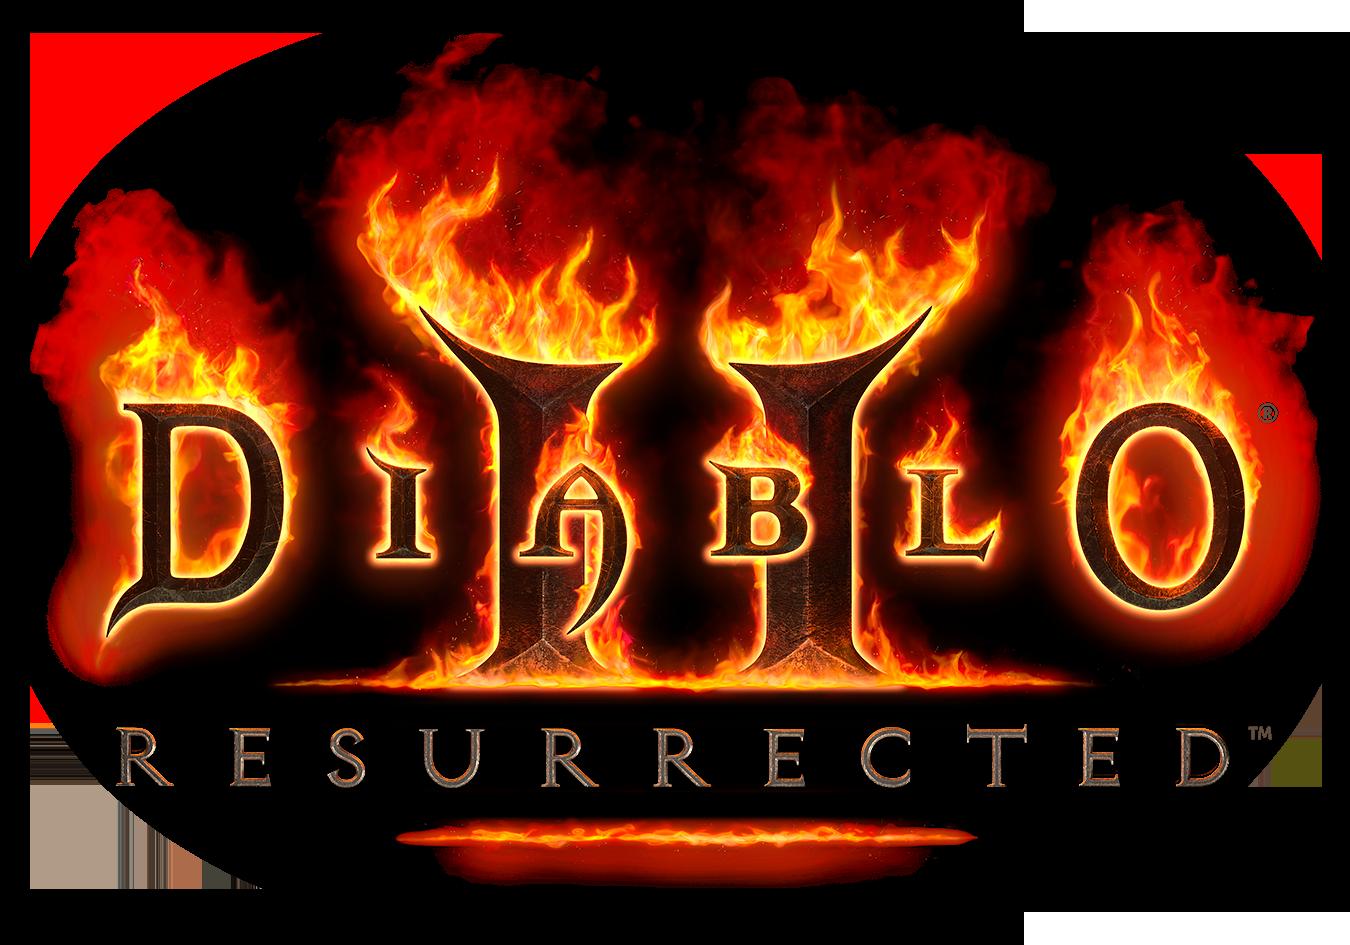 本作は 『ディアブロ2』本編 と、 拡張コンテンツ 「diablo ⅱ:lord of destruction®」の全てを含んだ. ディアブロ2 リザレクテッド はps5 Ps4 ニンテンドースイッチで出てるの 発売日や買い方は